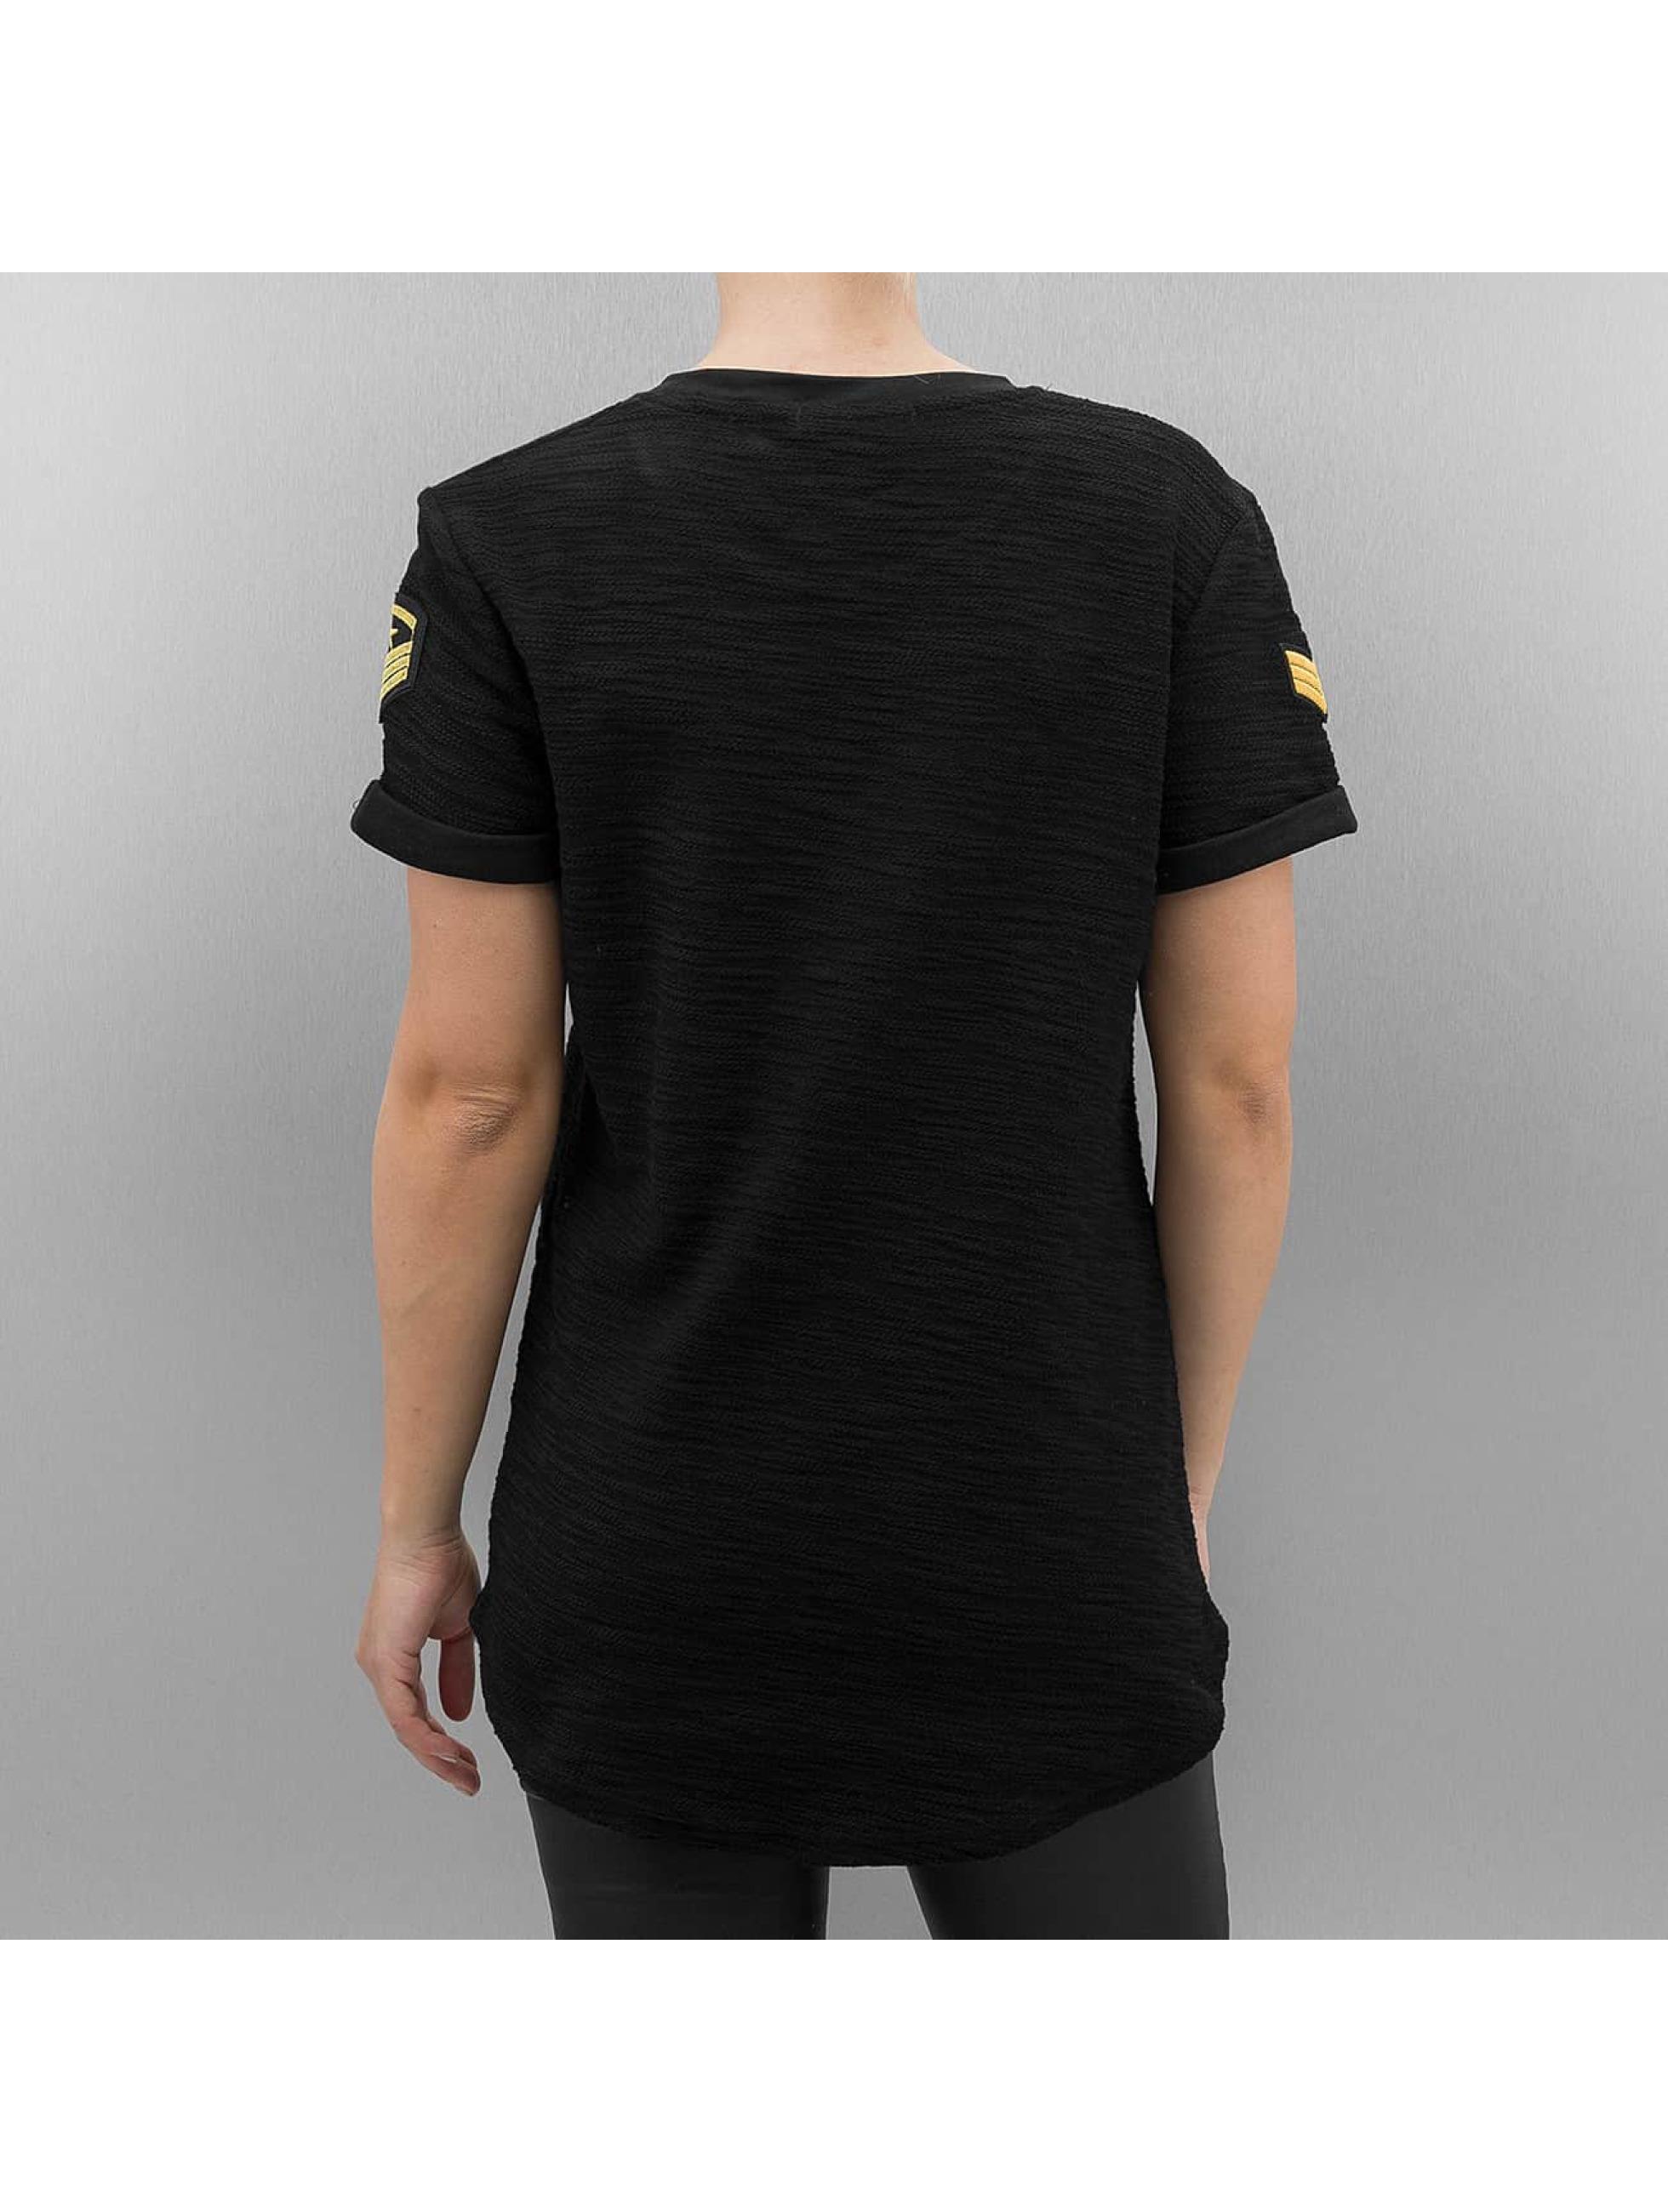 Paris Premium T-Shirt Tulsa black